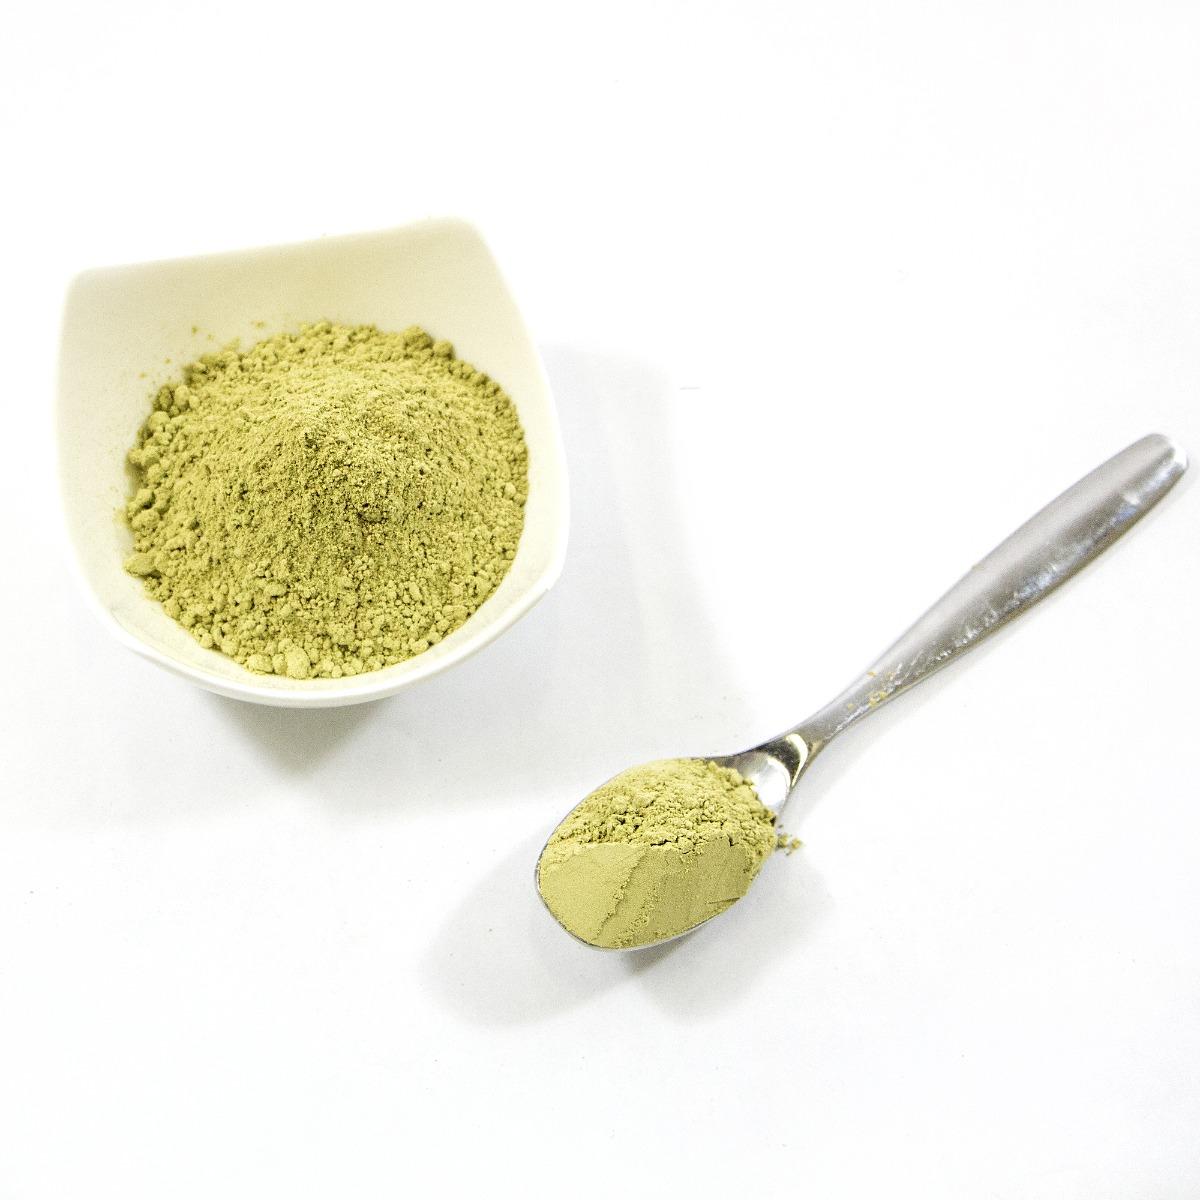 Real • Organic Kelp Powder